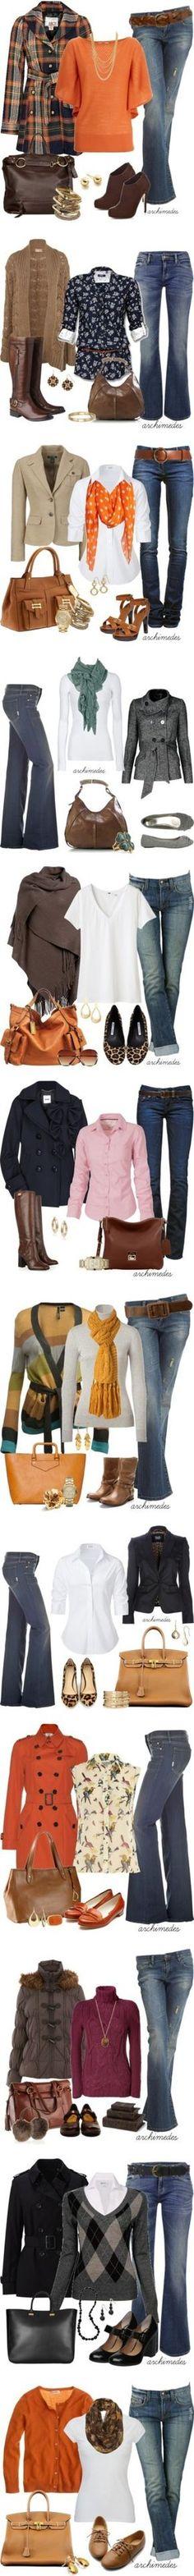 É possível ficar estilosa usando jeans!